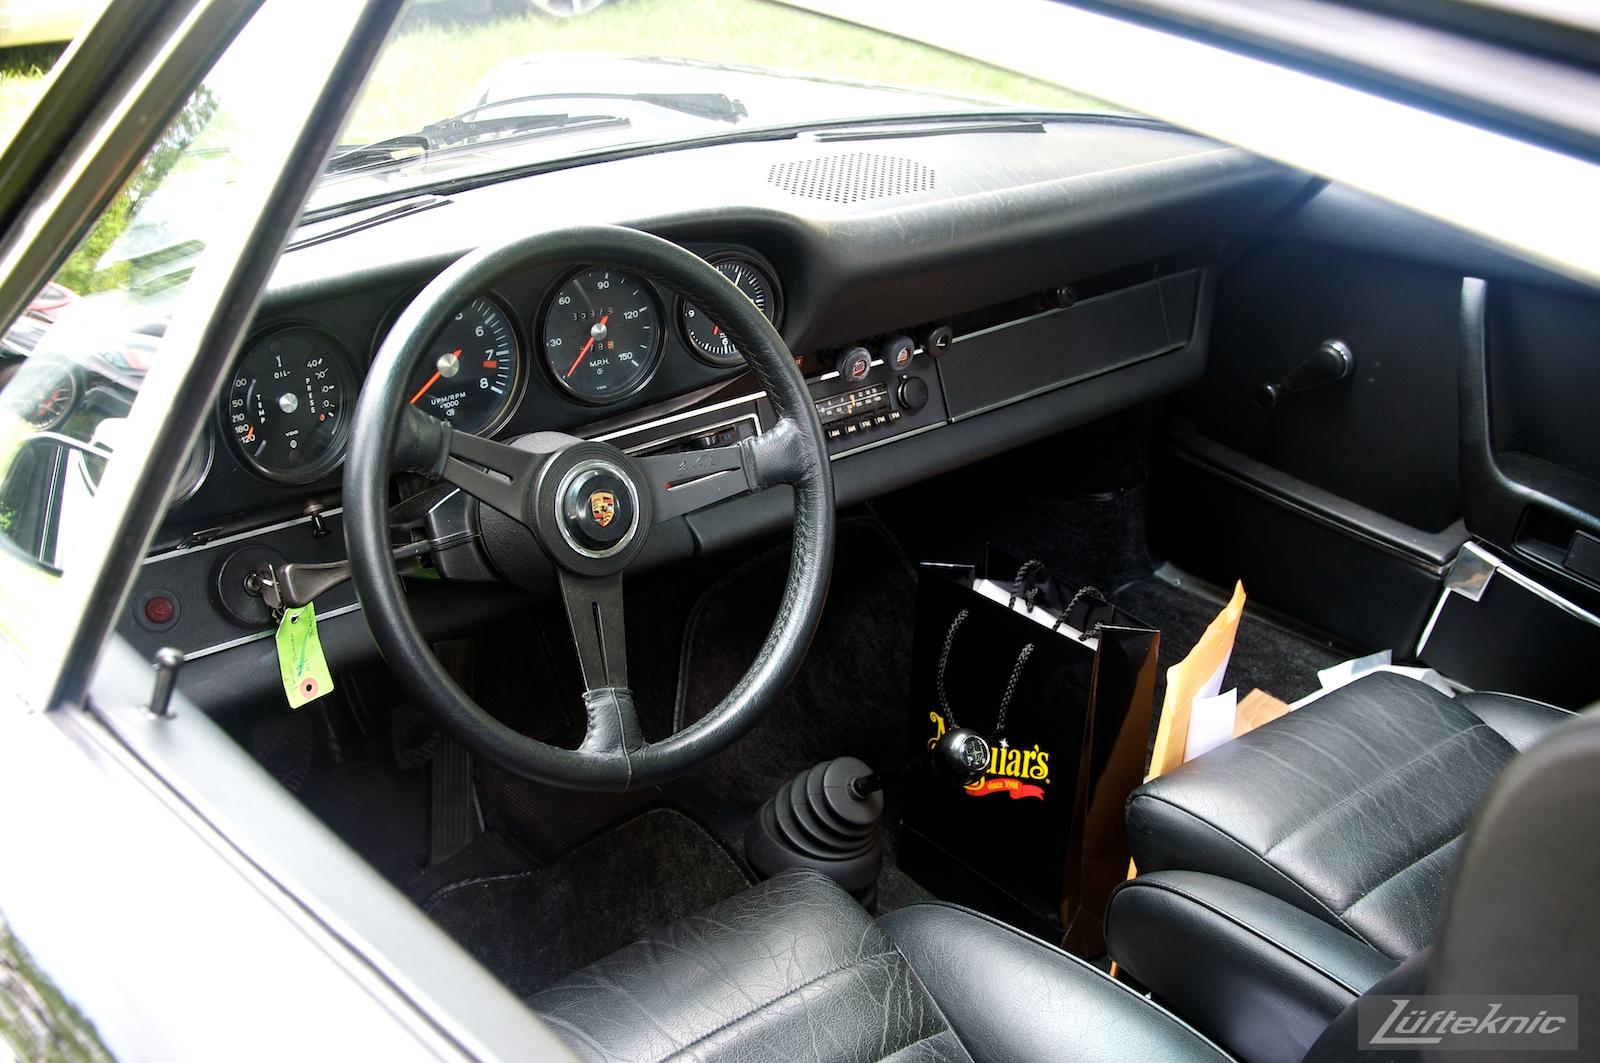 Blakc 911S at the Richmond Porsche Meet.